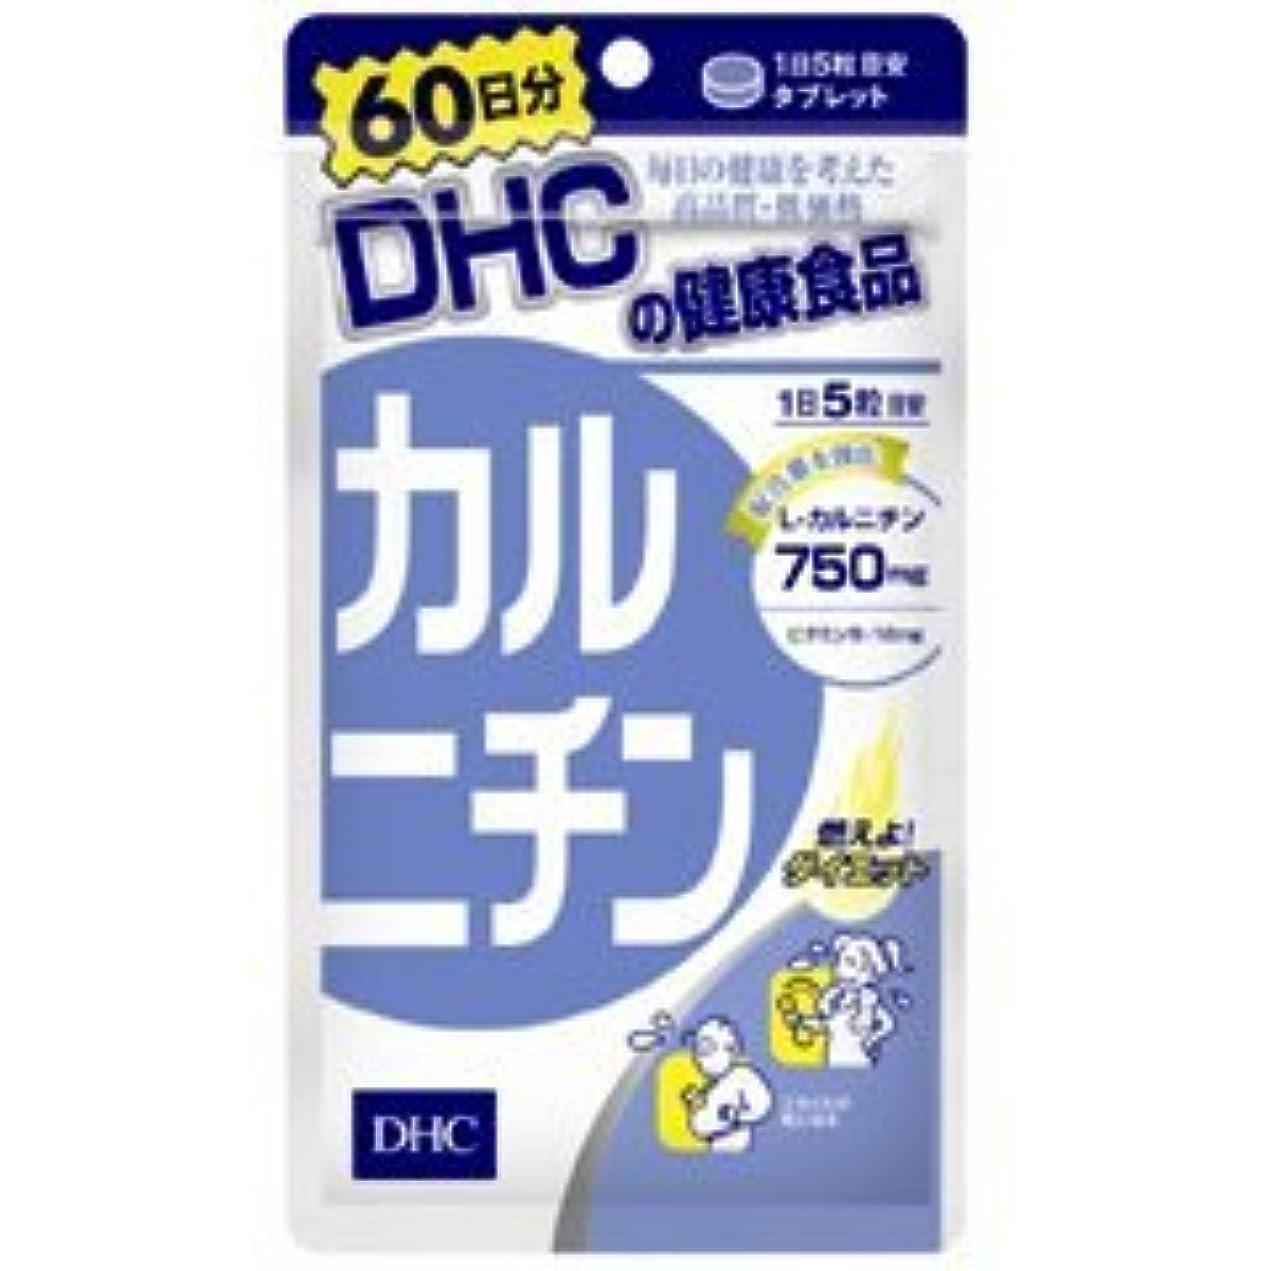 トラブル推進、動かすポーター【DHC】DHCの健康食品 カルニチン 60日分 300粒